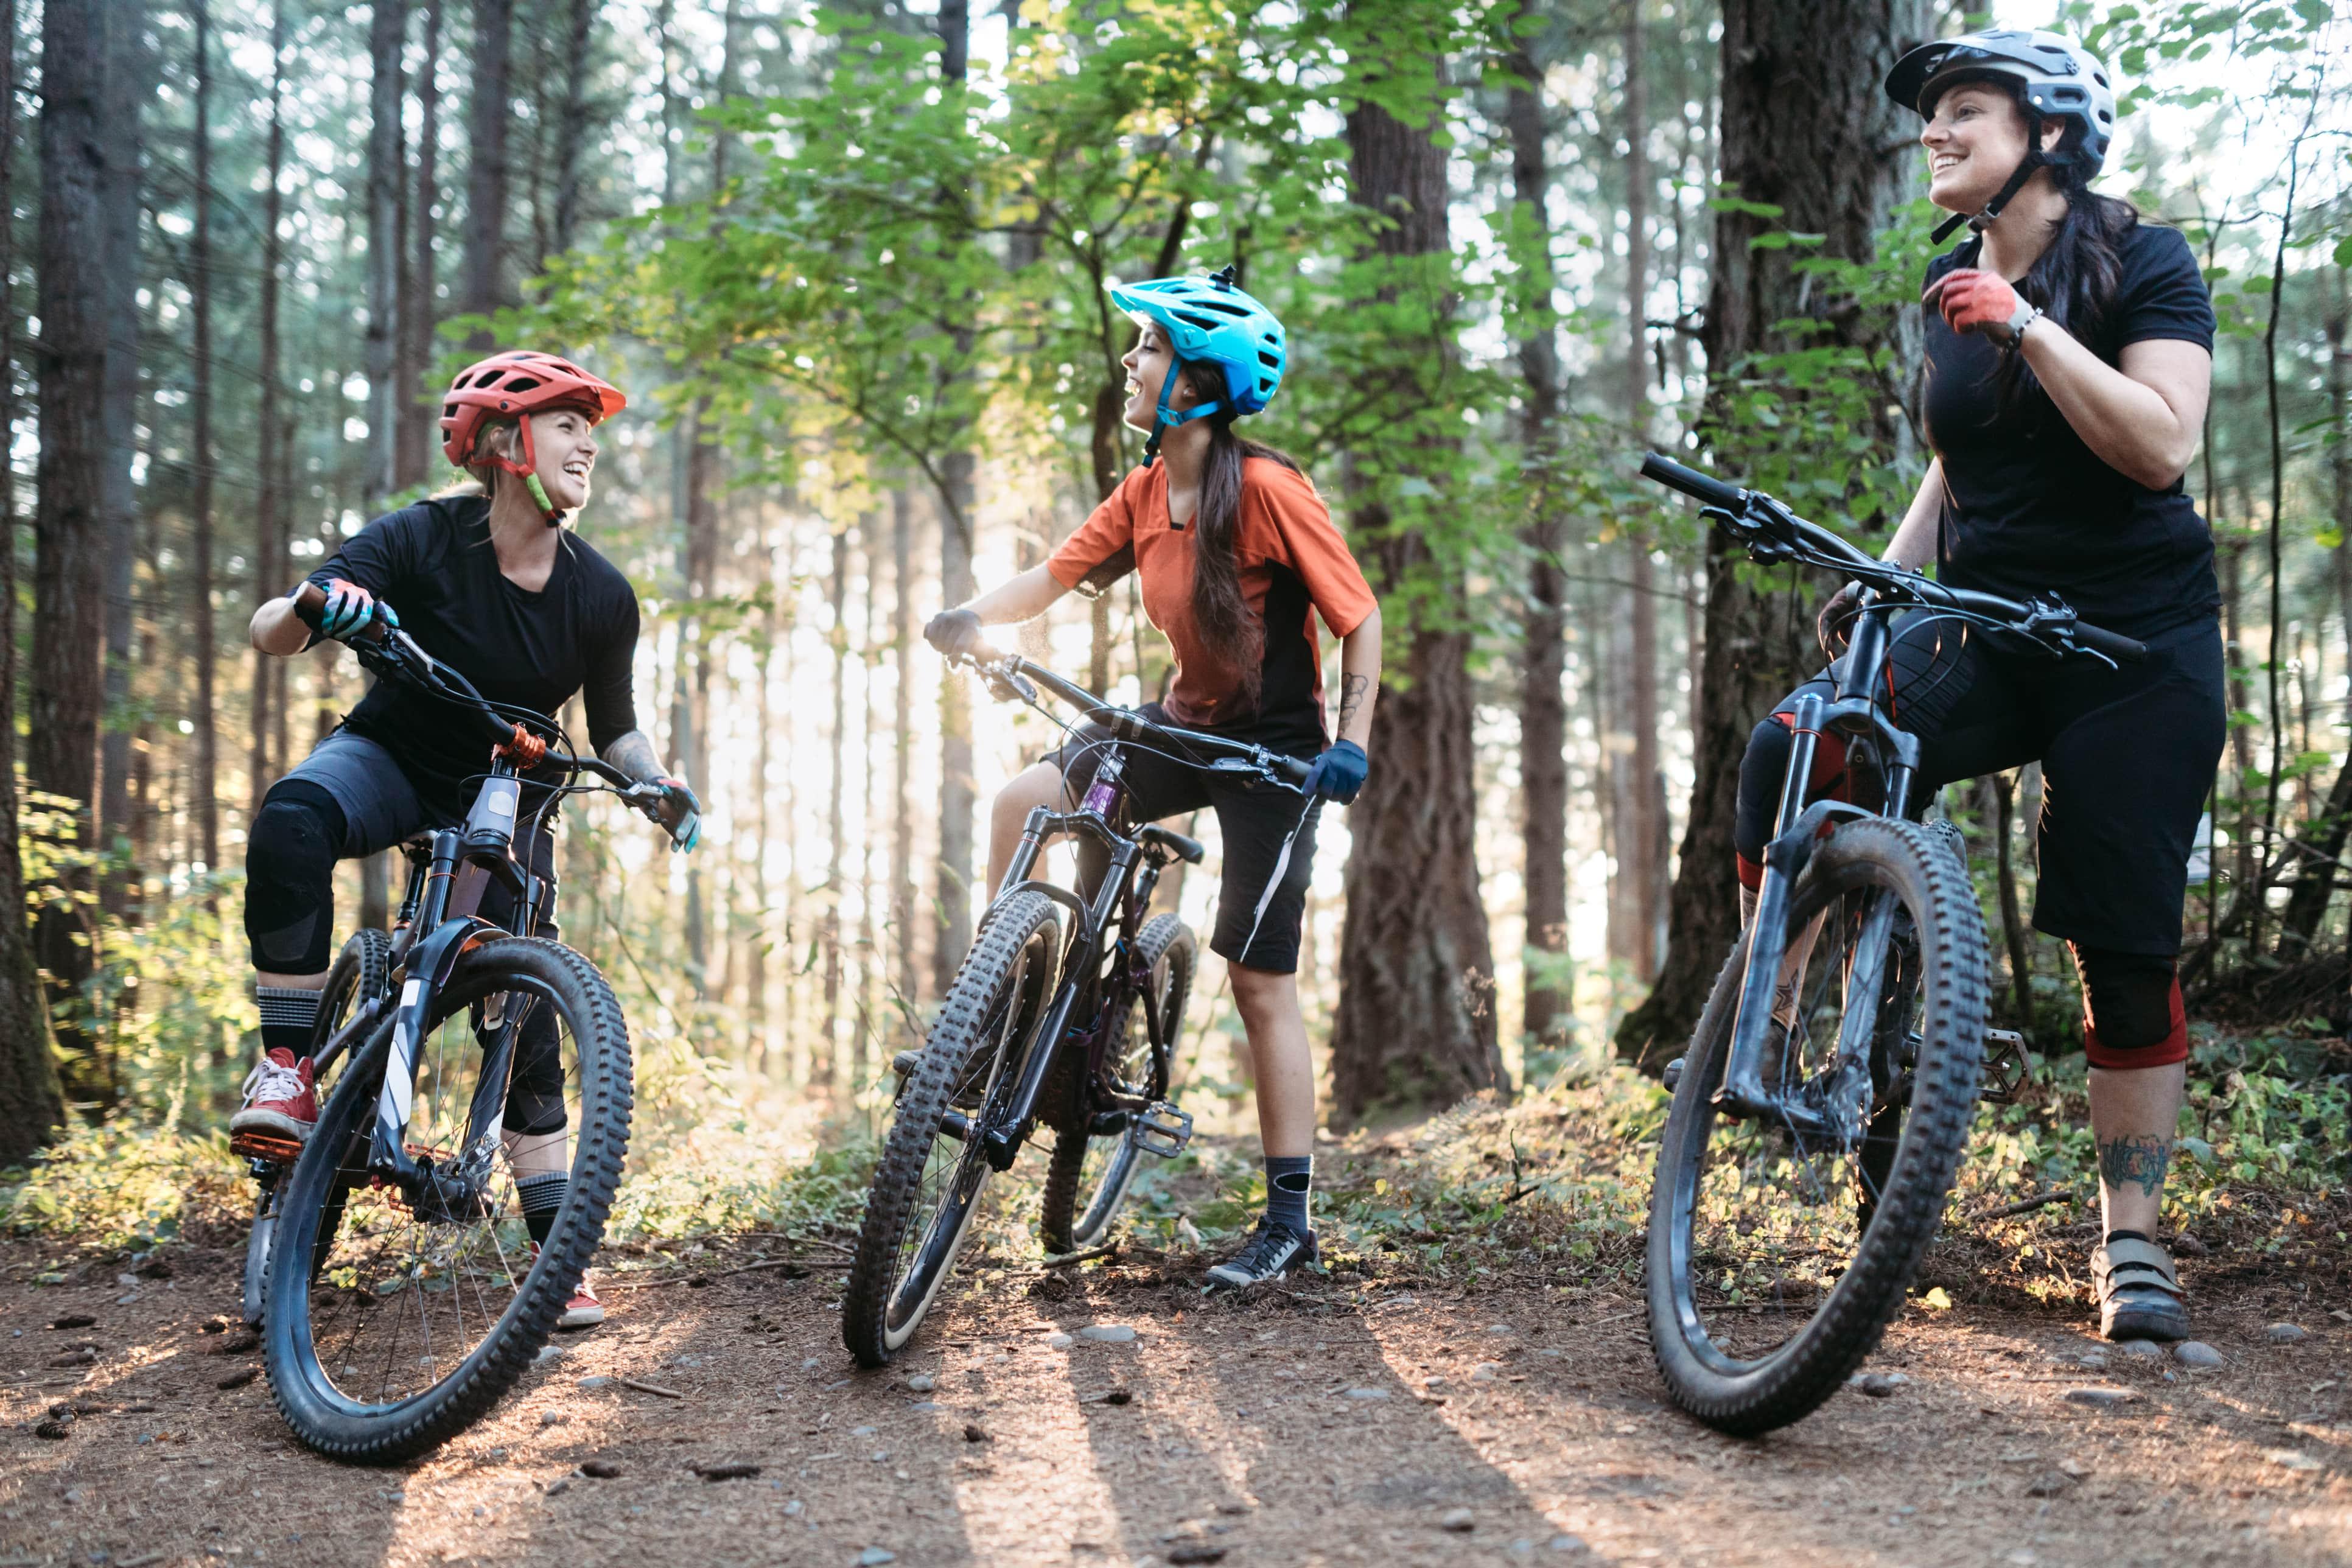 Women posing with mountain bikes